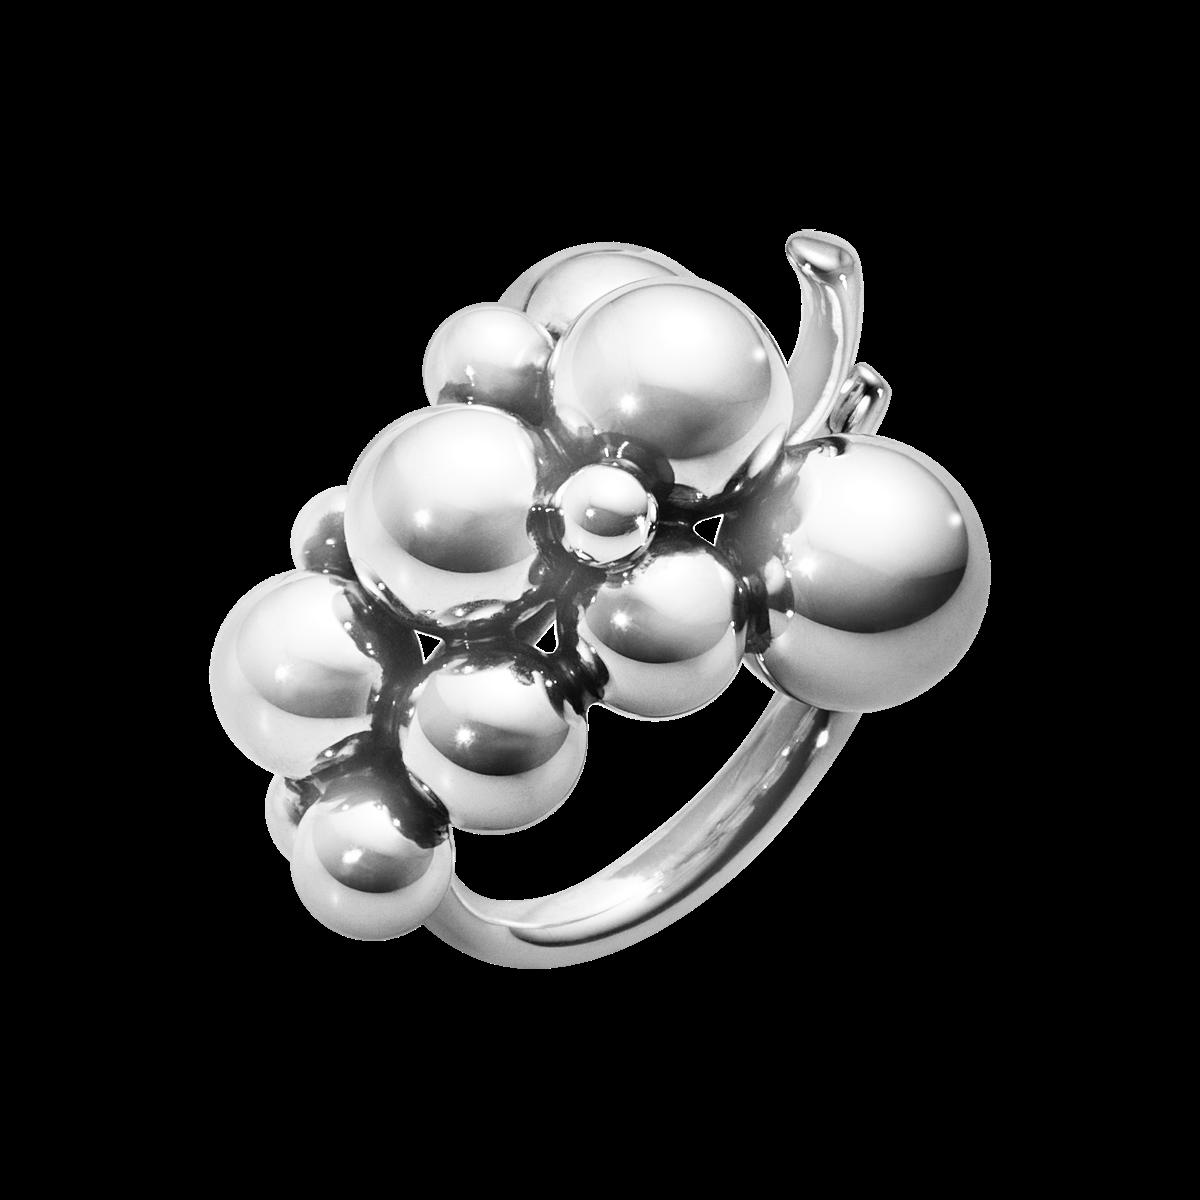 Moonlight Grapes Ring In Sterling Silver Medium Georg